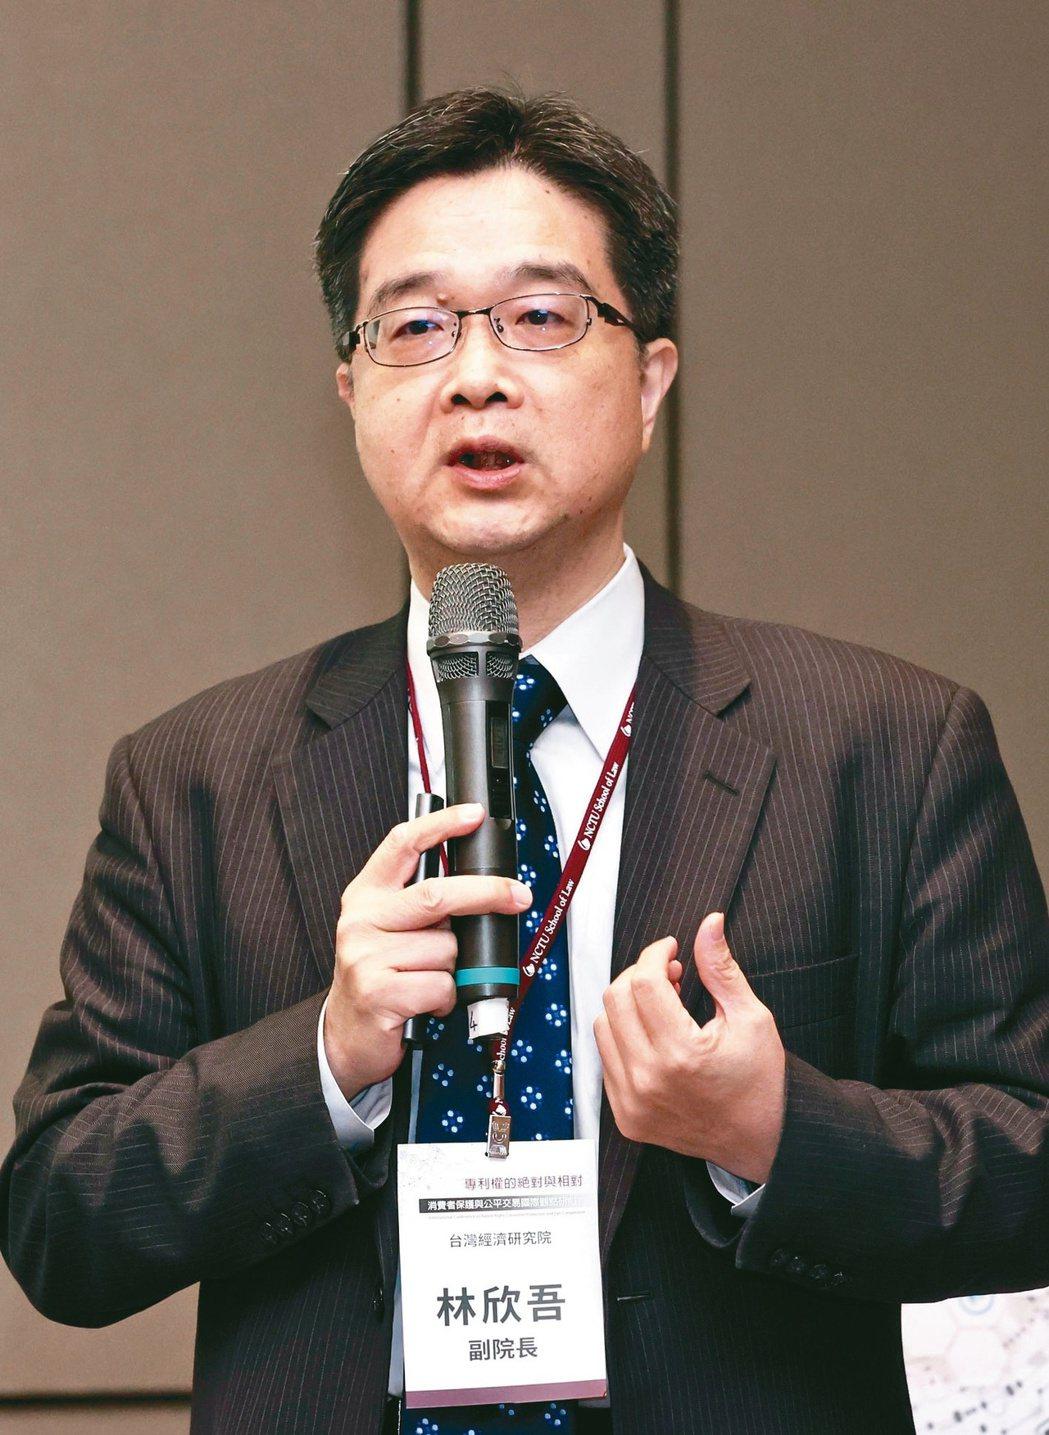 台灣經濟研究院副院長林欣吾。記者林俊良/攝影